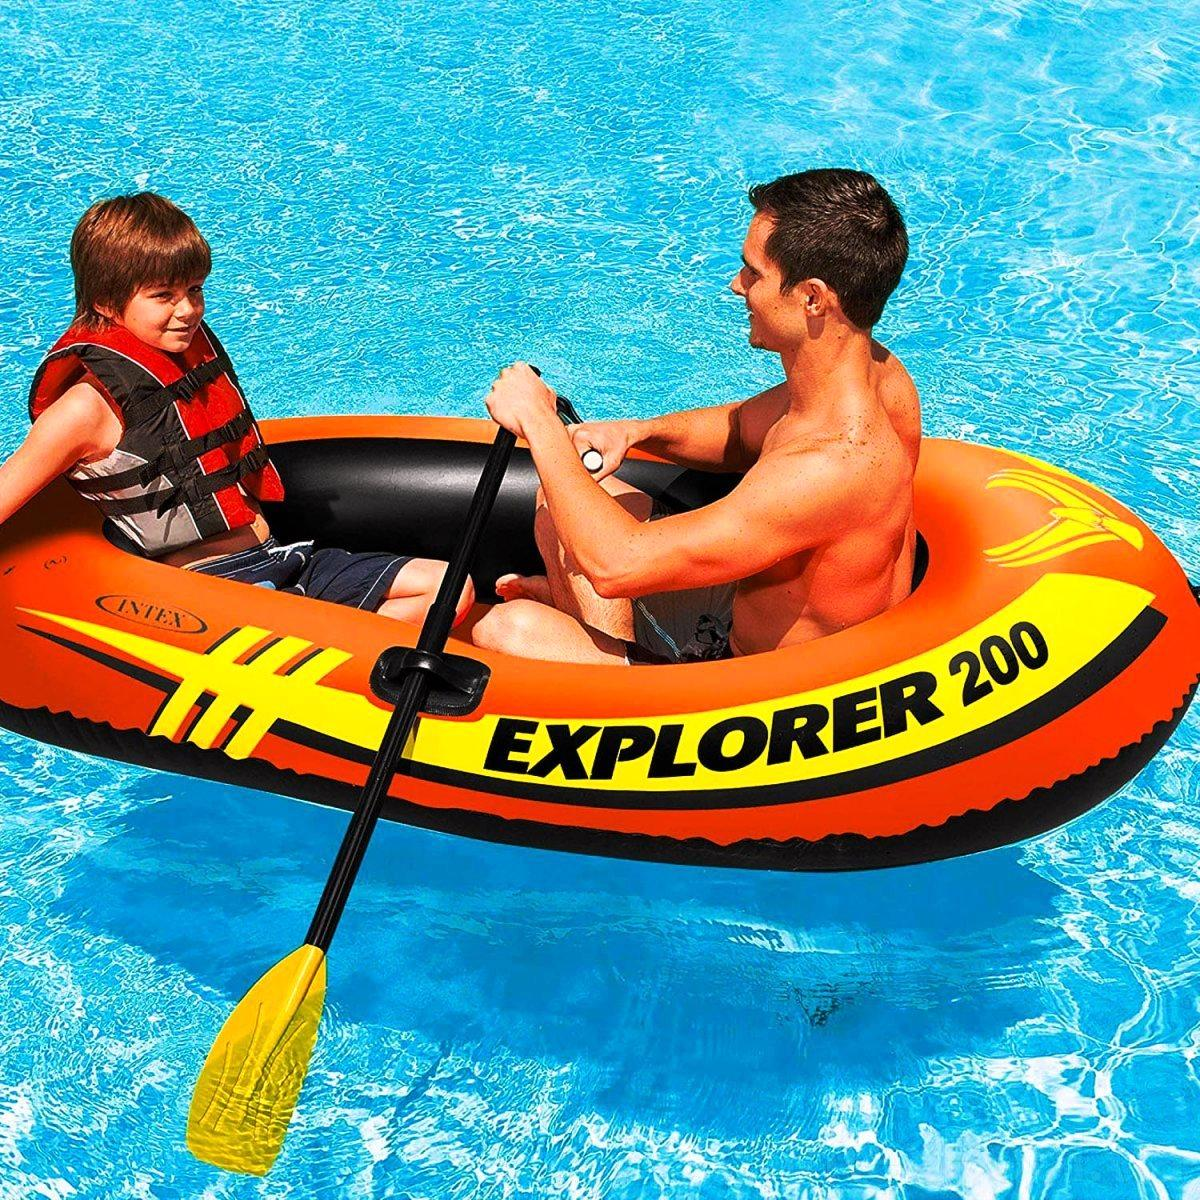 Полутораместная Intex надувний човен 58330 Explorer 200, 185 х 94 х 41 см